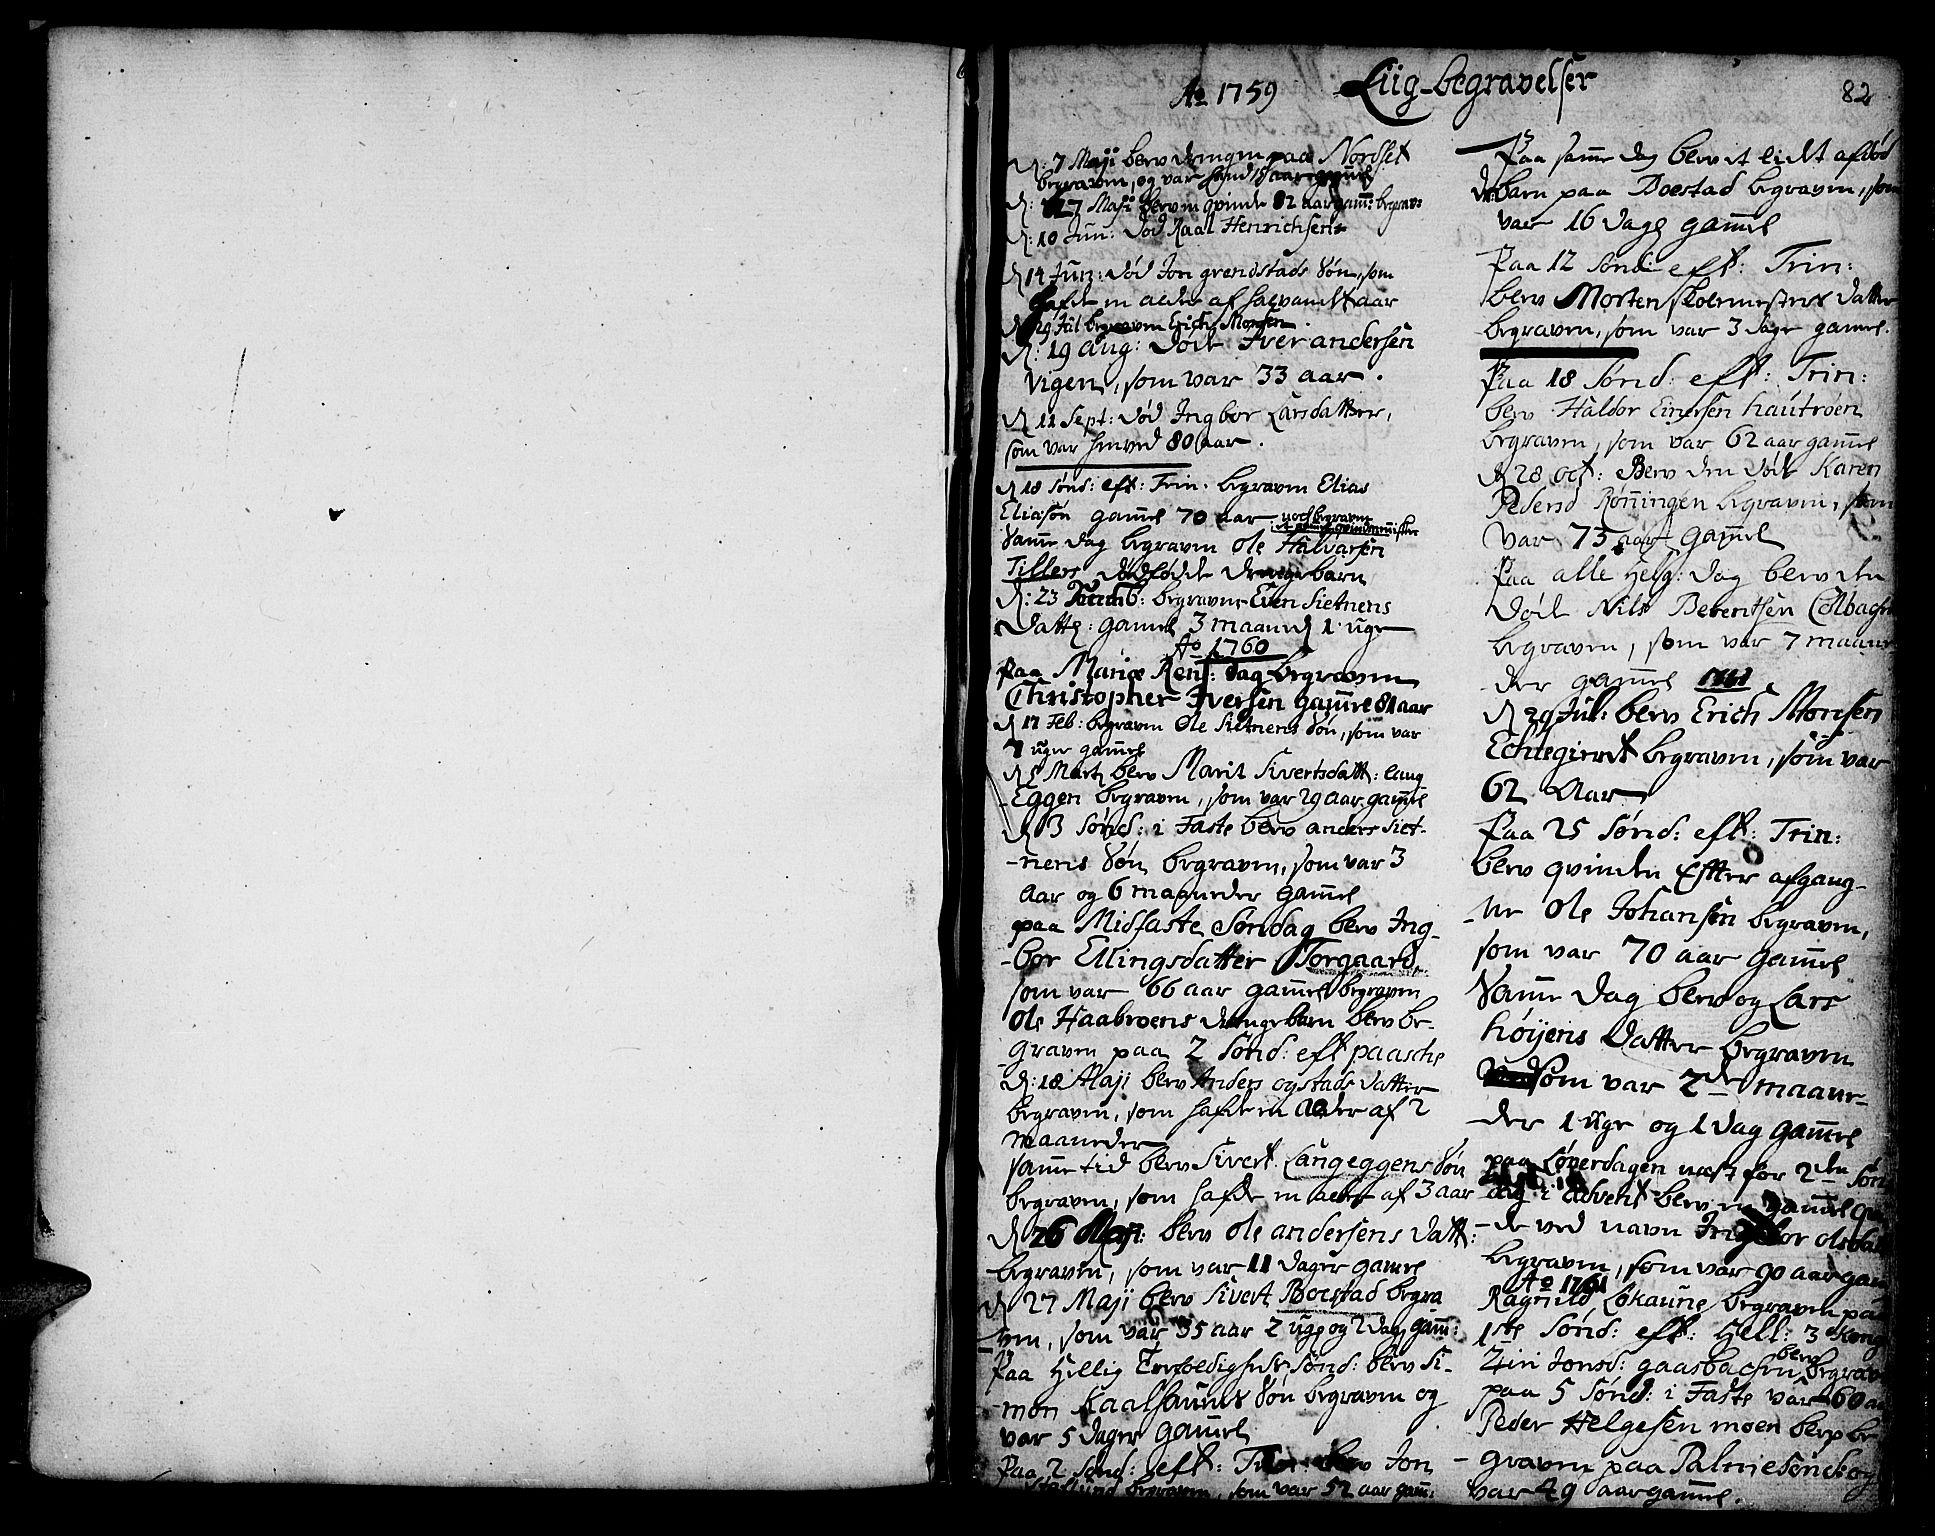 SAT, Ministerialprotokoller, klokkerbøker og fødselsregistre - Sør-Trøndelag, 618/L0437: Ministerialbok nr. 618A02, 1749-1782, s. 82